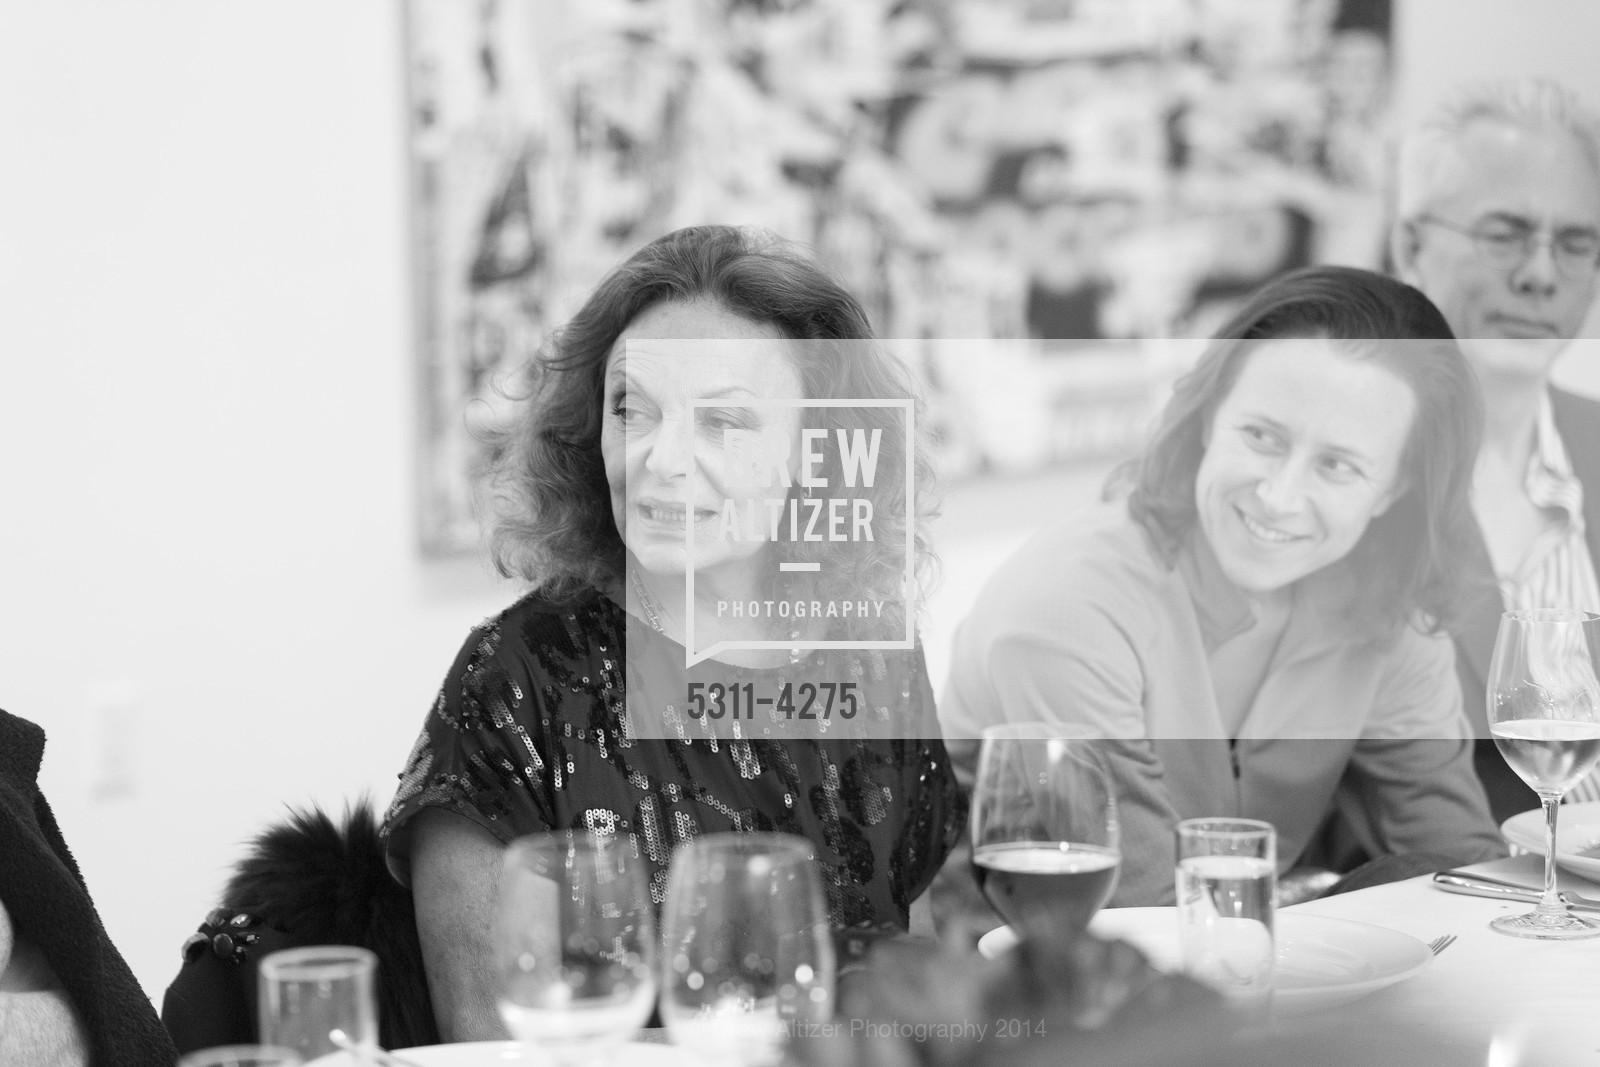 Diane von Furstenberg, Photo #5311-4275